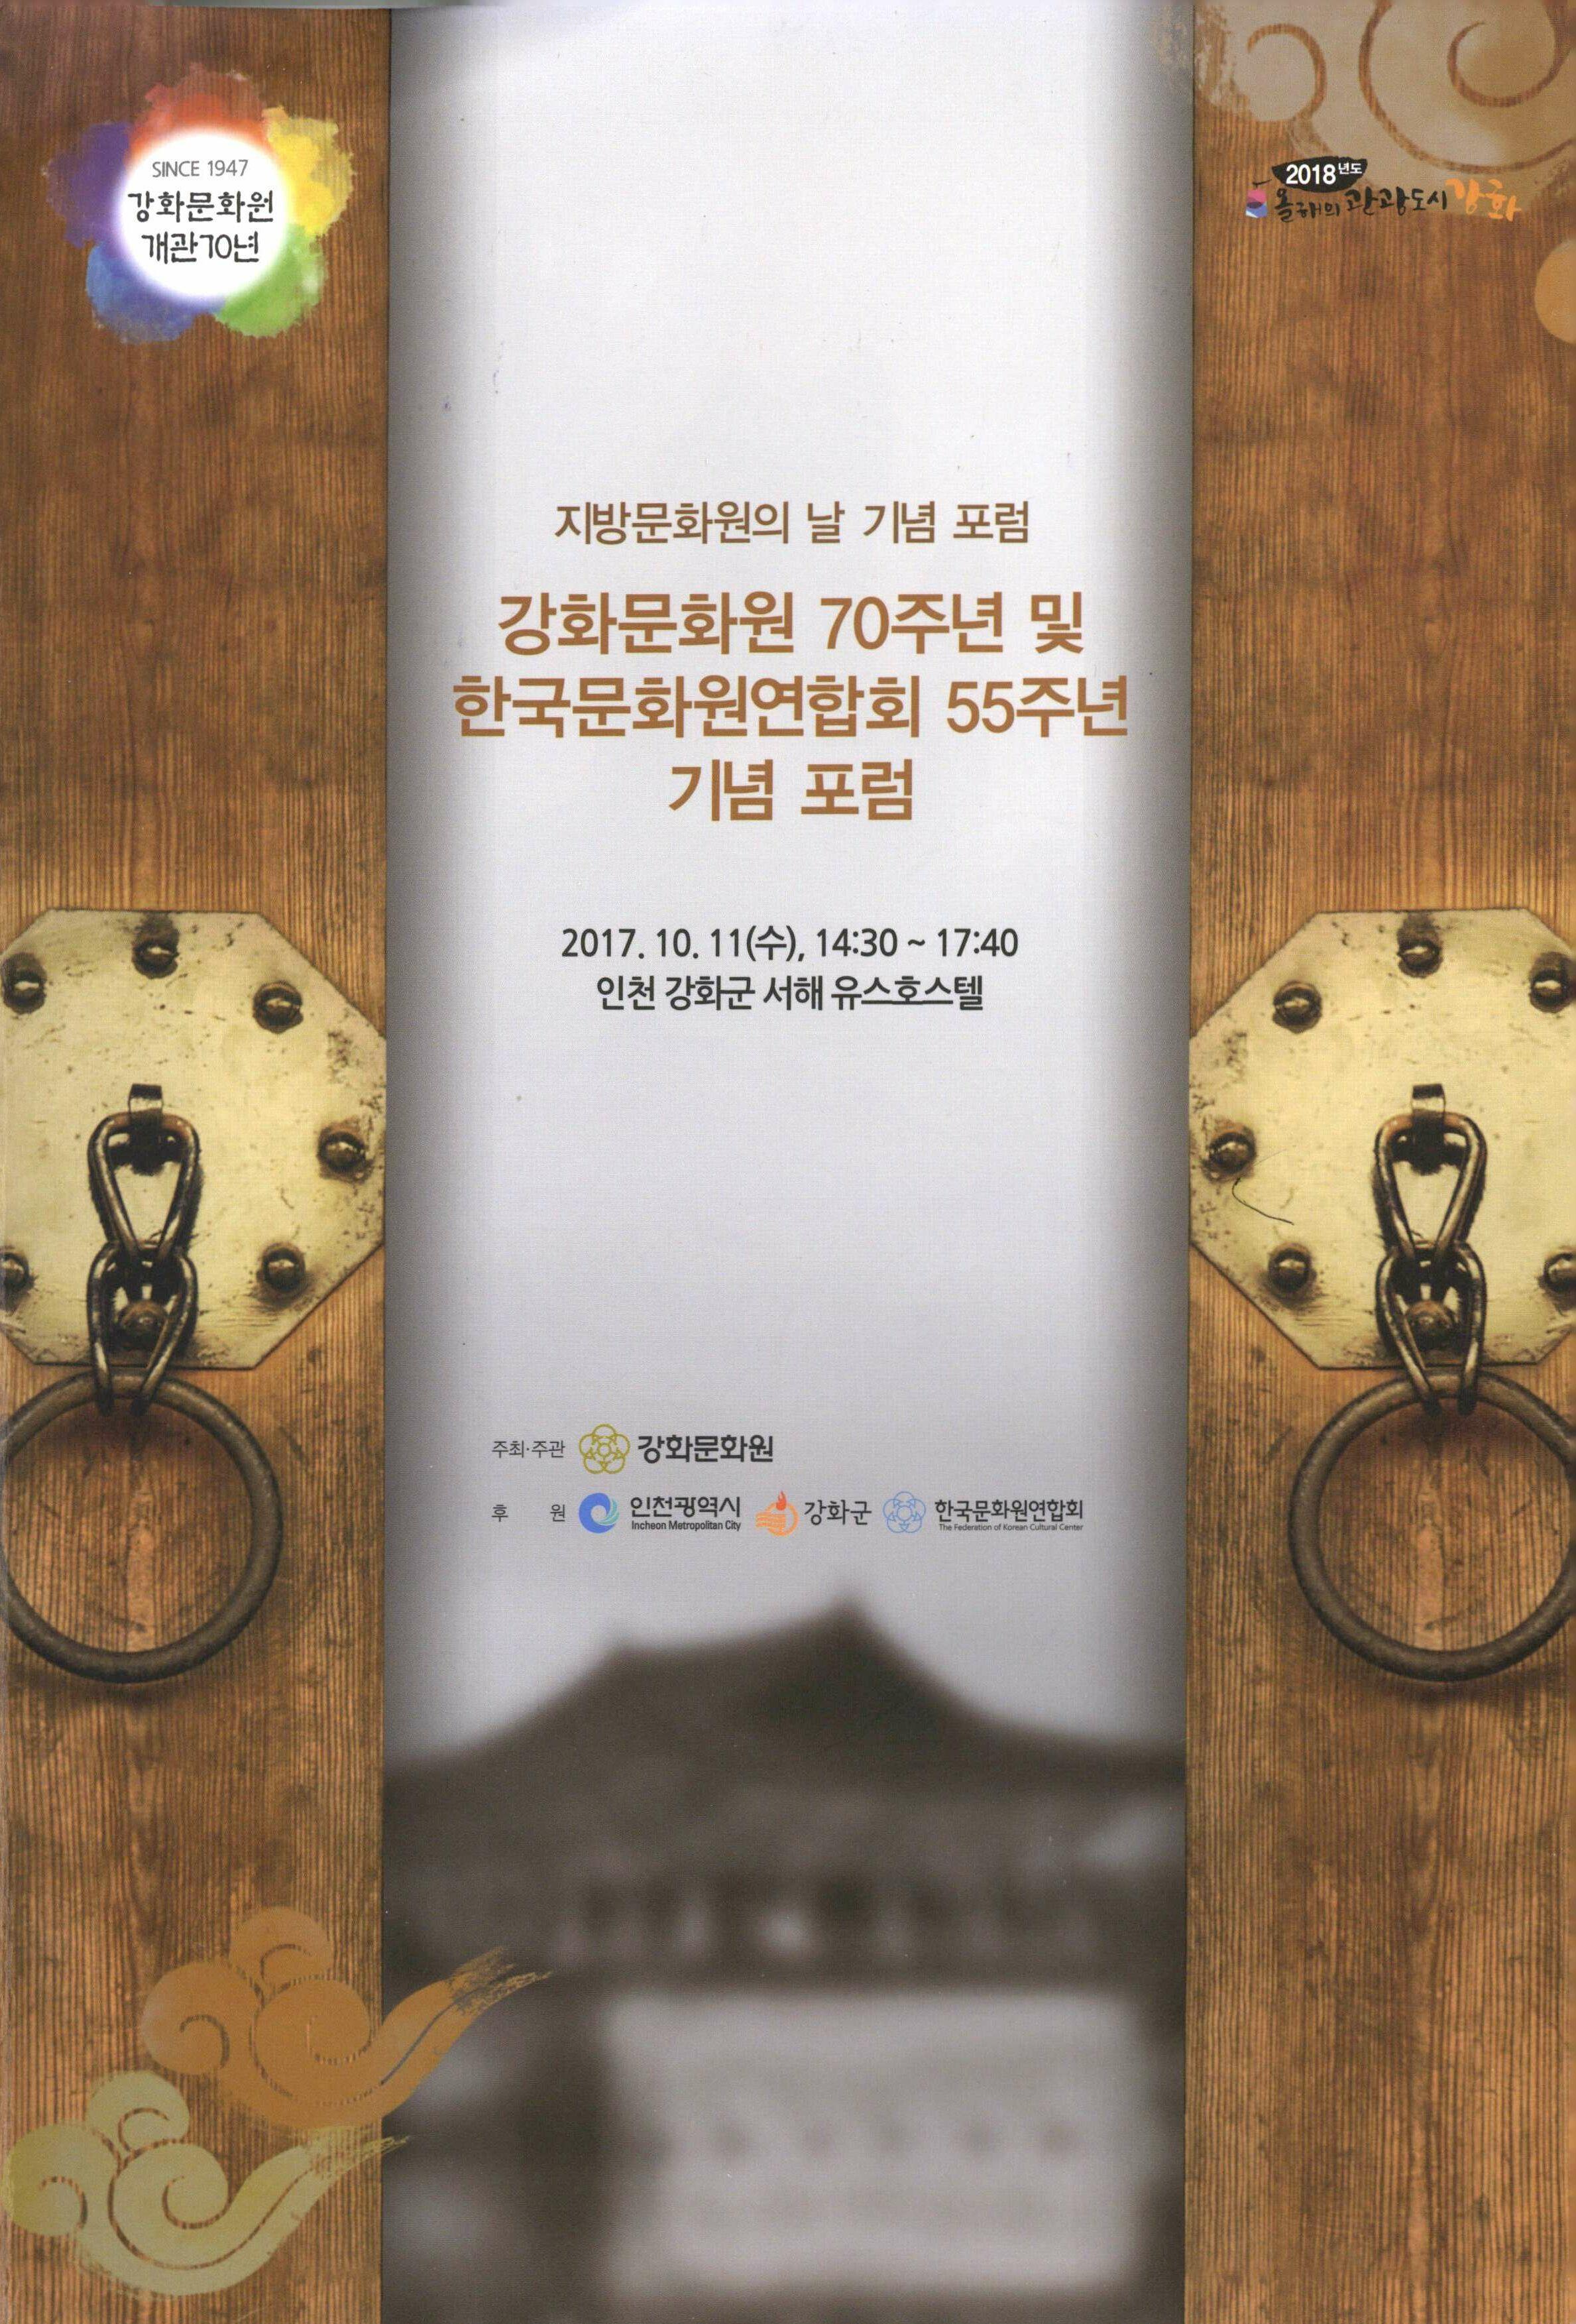 지방문화원의 날 기념 포럼 강화문화원 70주년 및 한국문화원연합회 55주년 기념포럼